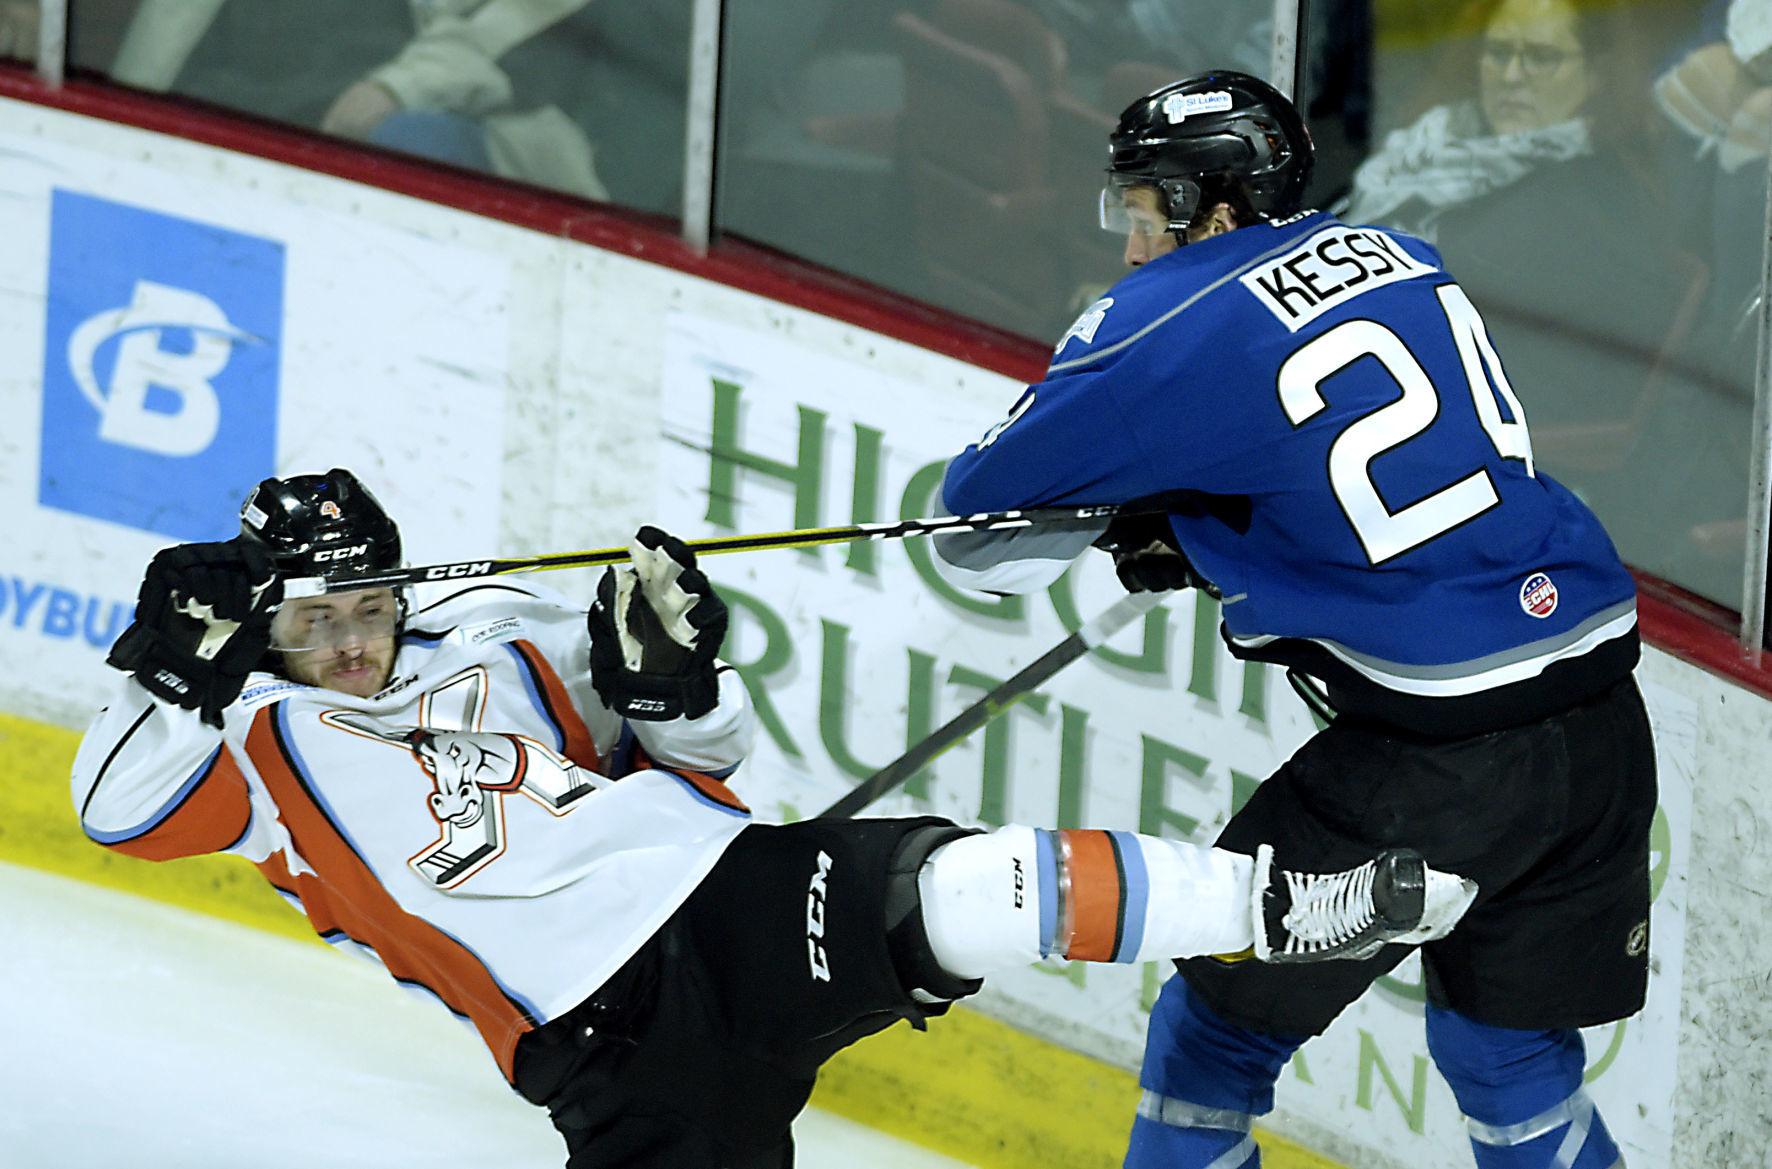 ECHL: Steelheads Enforcer Kale Kessy Continues Points Streak In Win